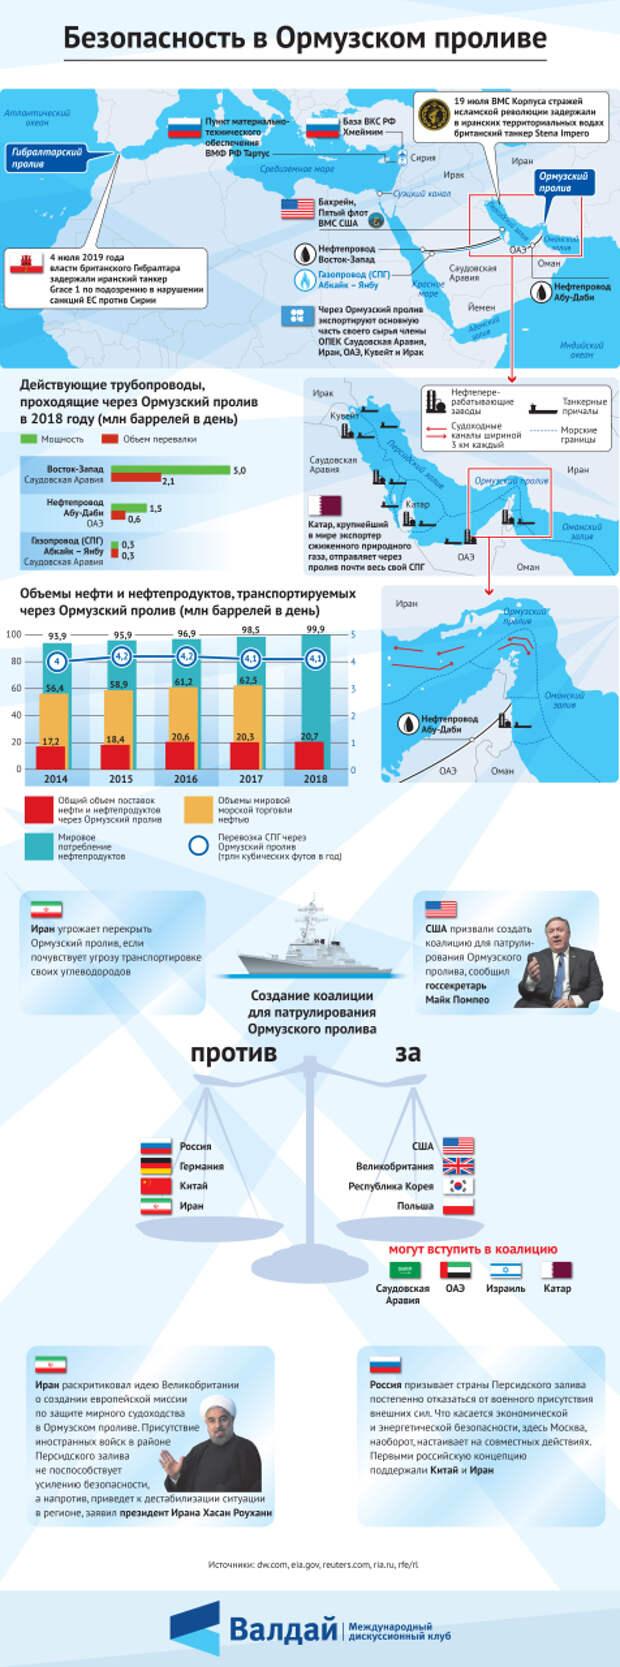 Безопасность в Ормузском проливе